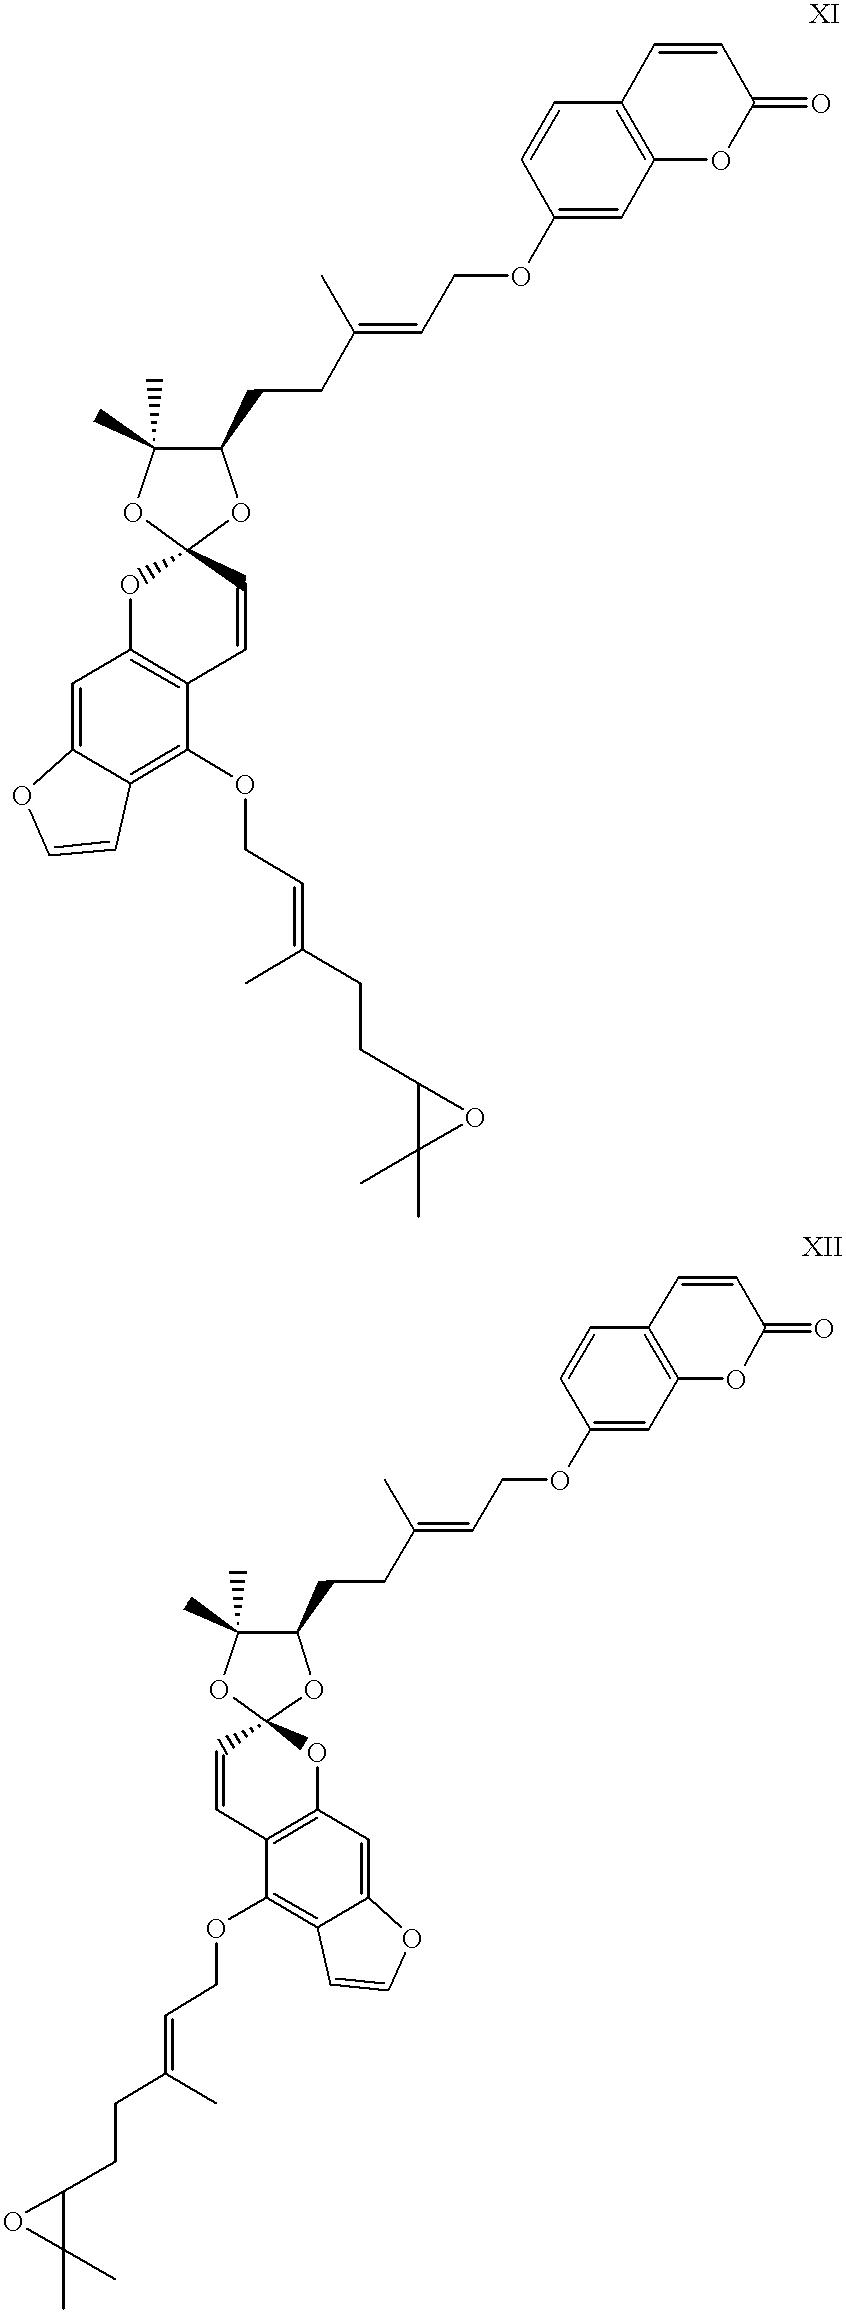 Figure US06248776-20010619-C00005